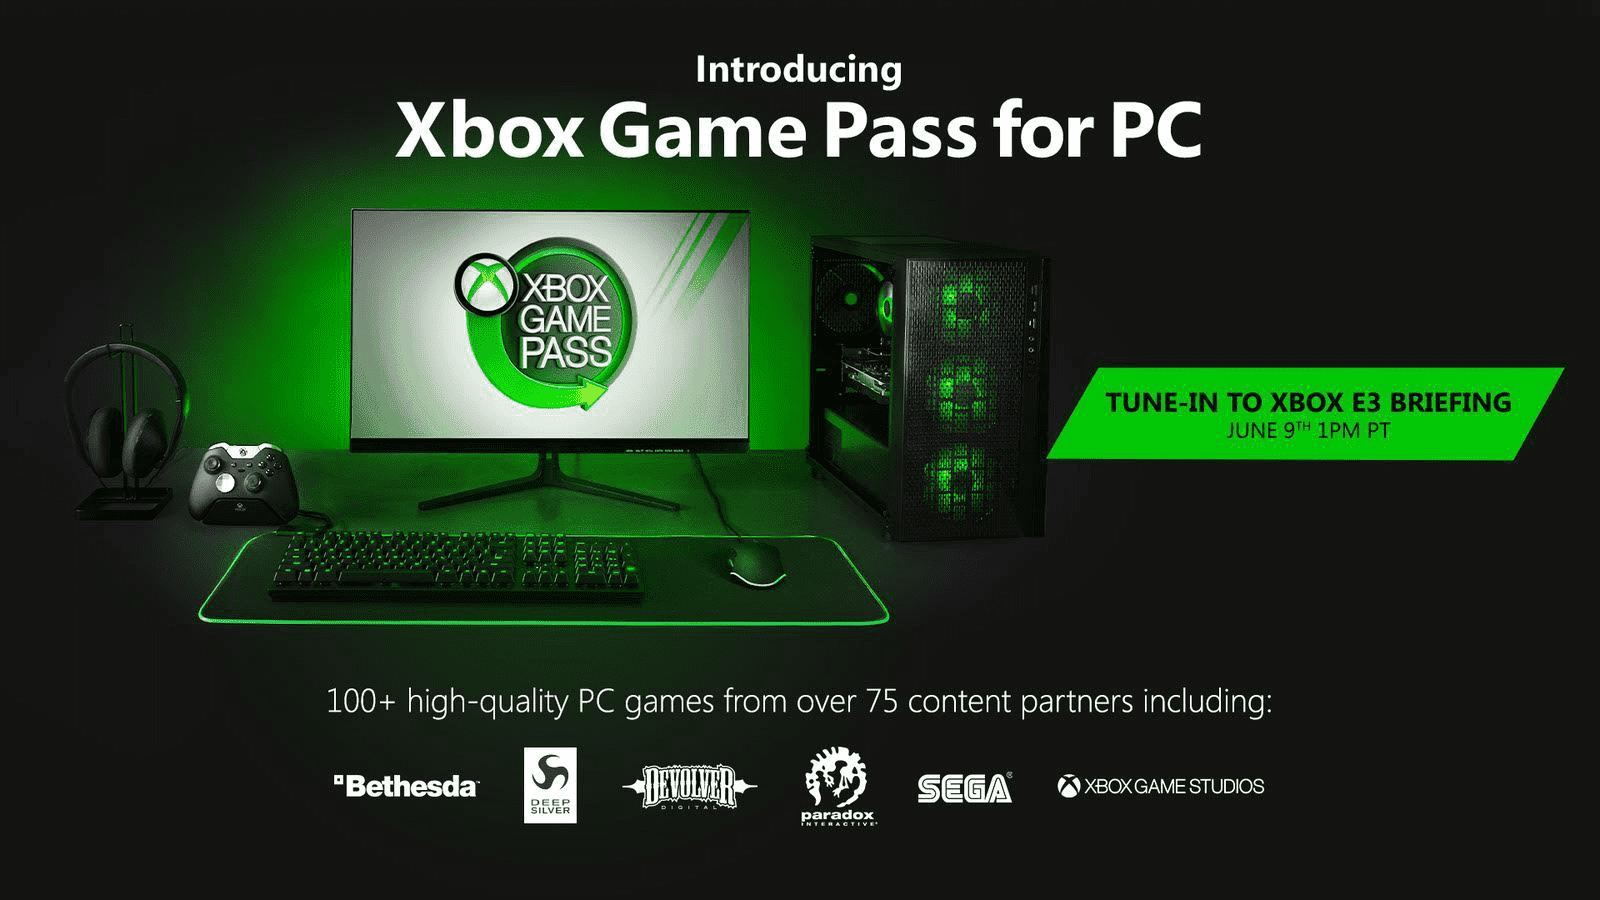 Znamy listę ponad 100 gier, które trafią do usługi Xbox Game Pass PC!